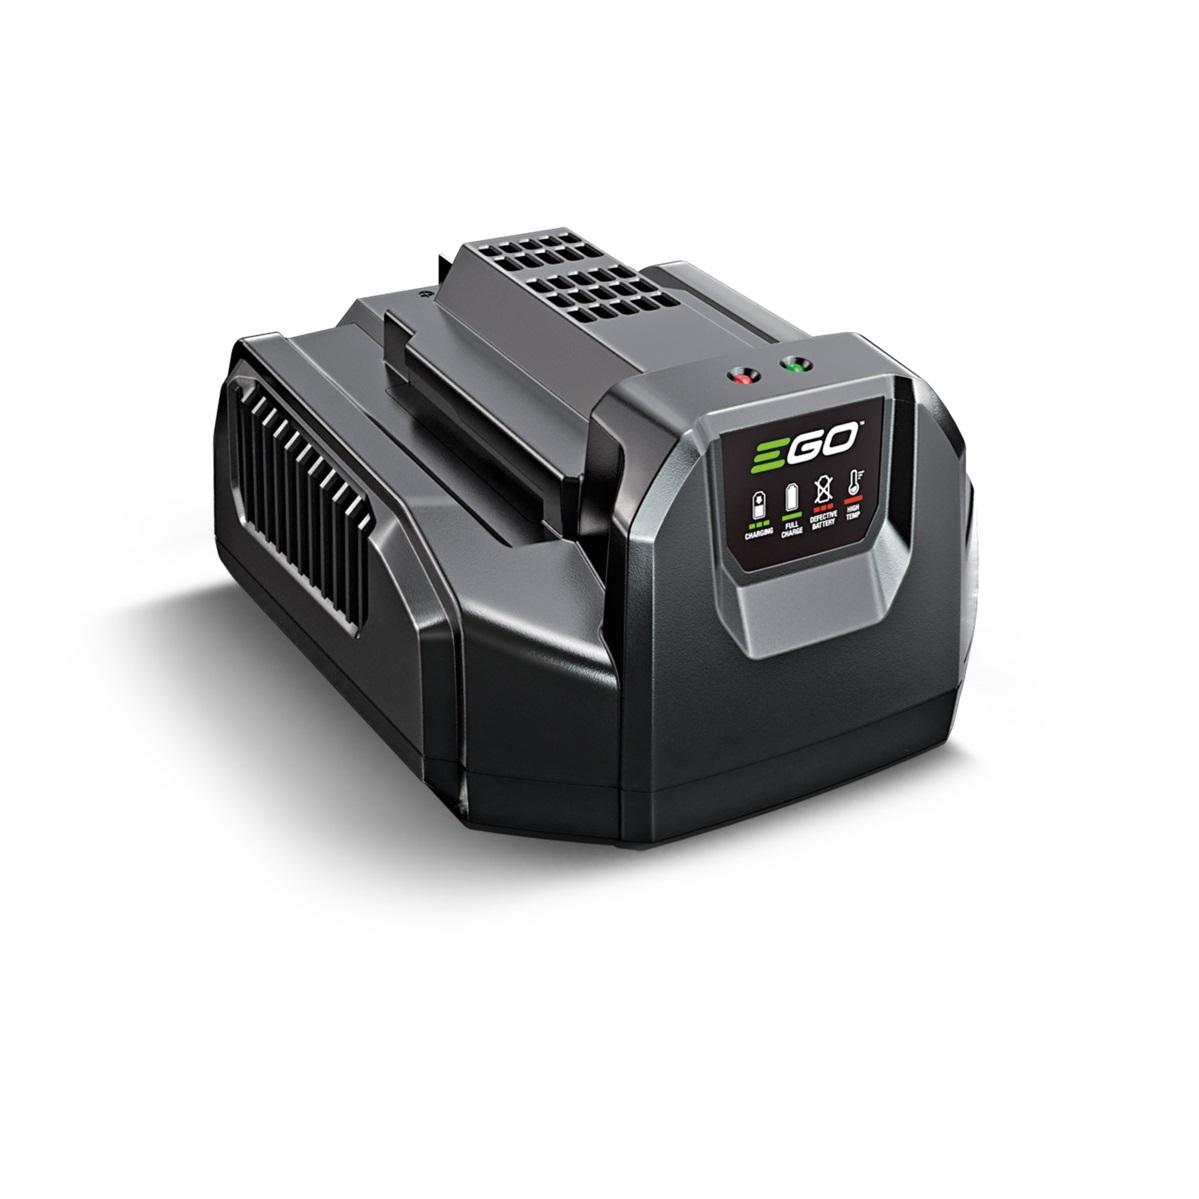 AKU sekačka bez pojezdu LM1701E s baterií a nabíječkou EGO G80001 L-11